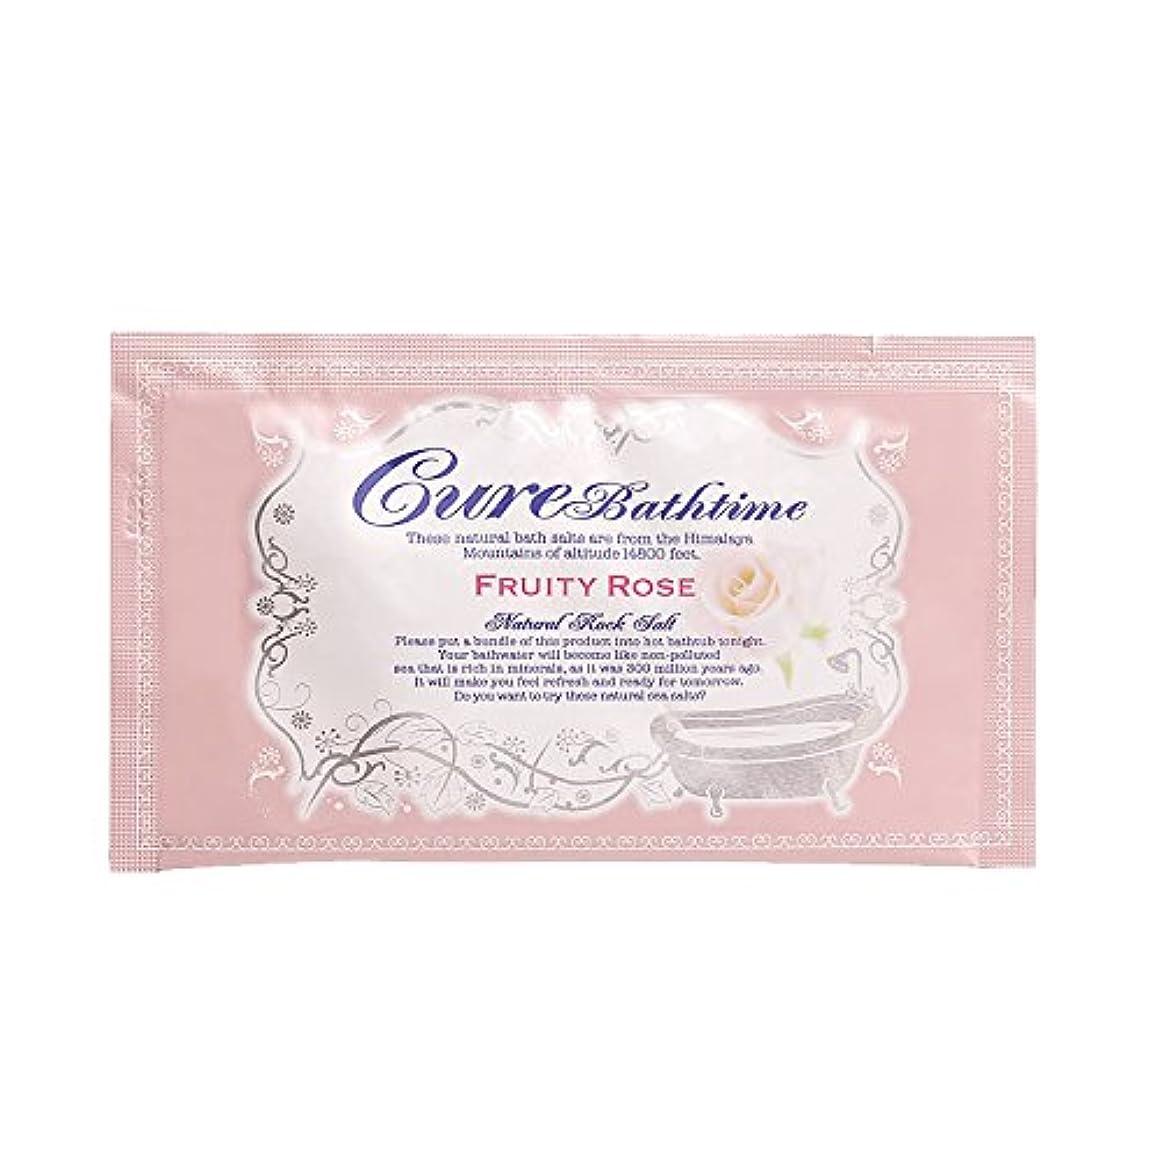 共役戻る採用するCureバスタイム 天然ヒマラヤ岩塩バスソルト フルーティローズの香り 16包セット